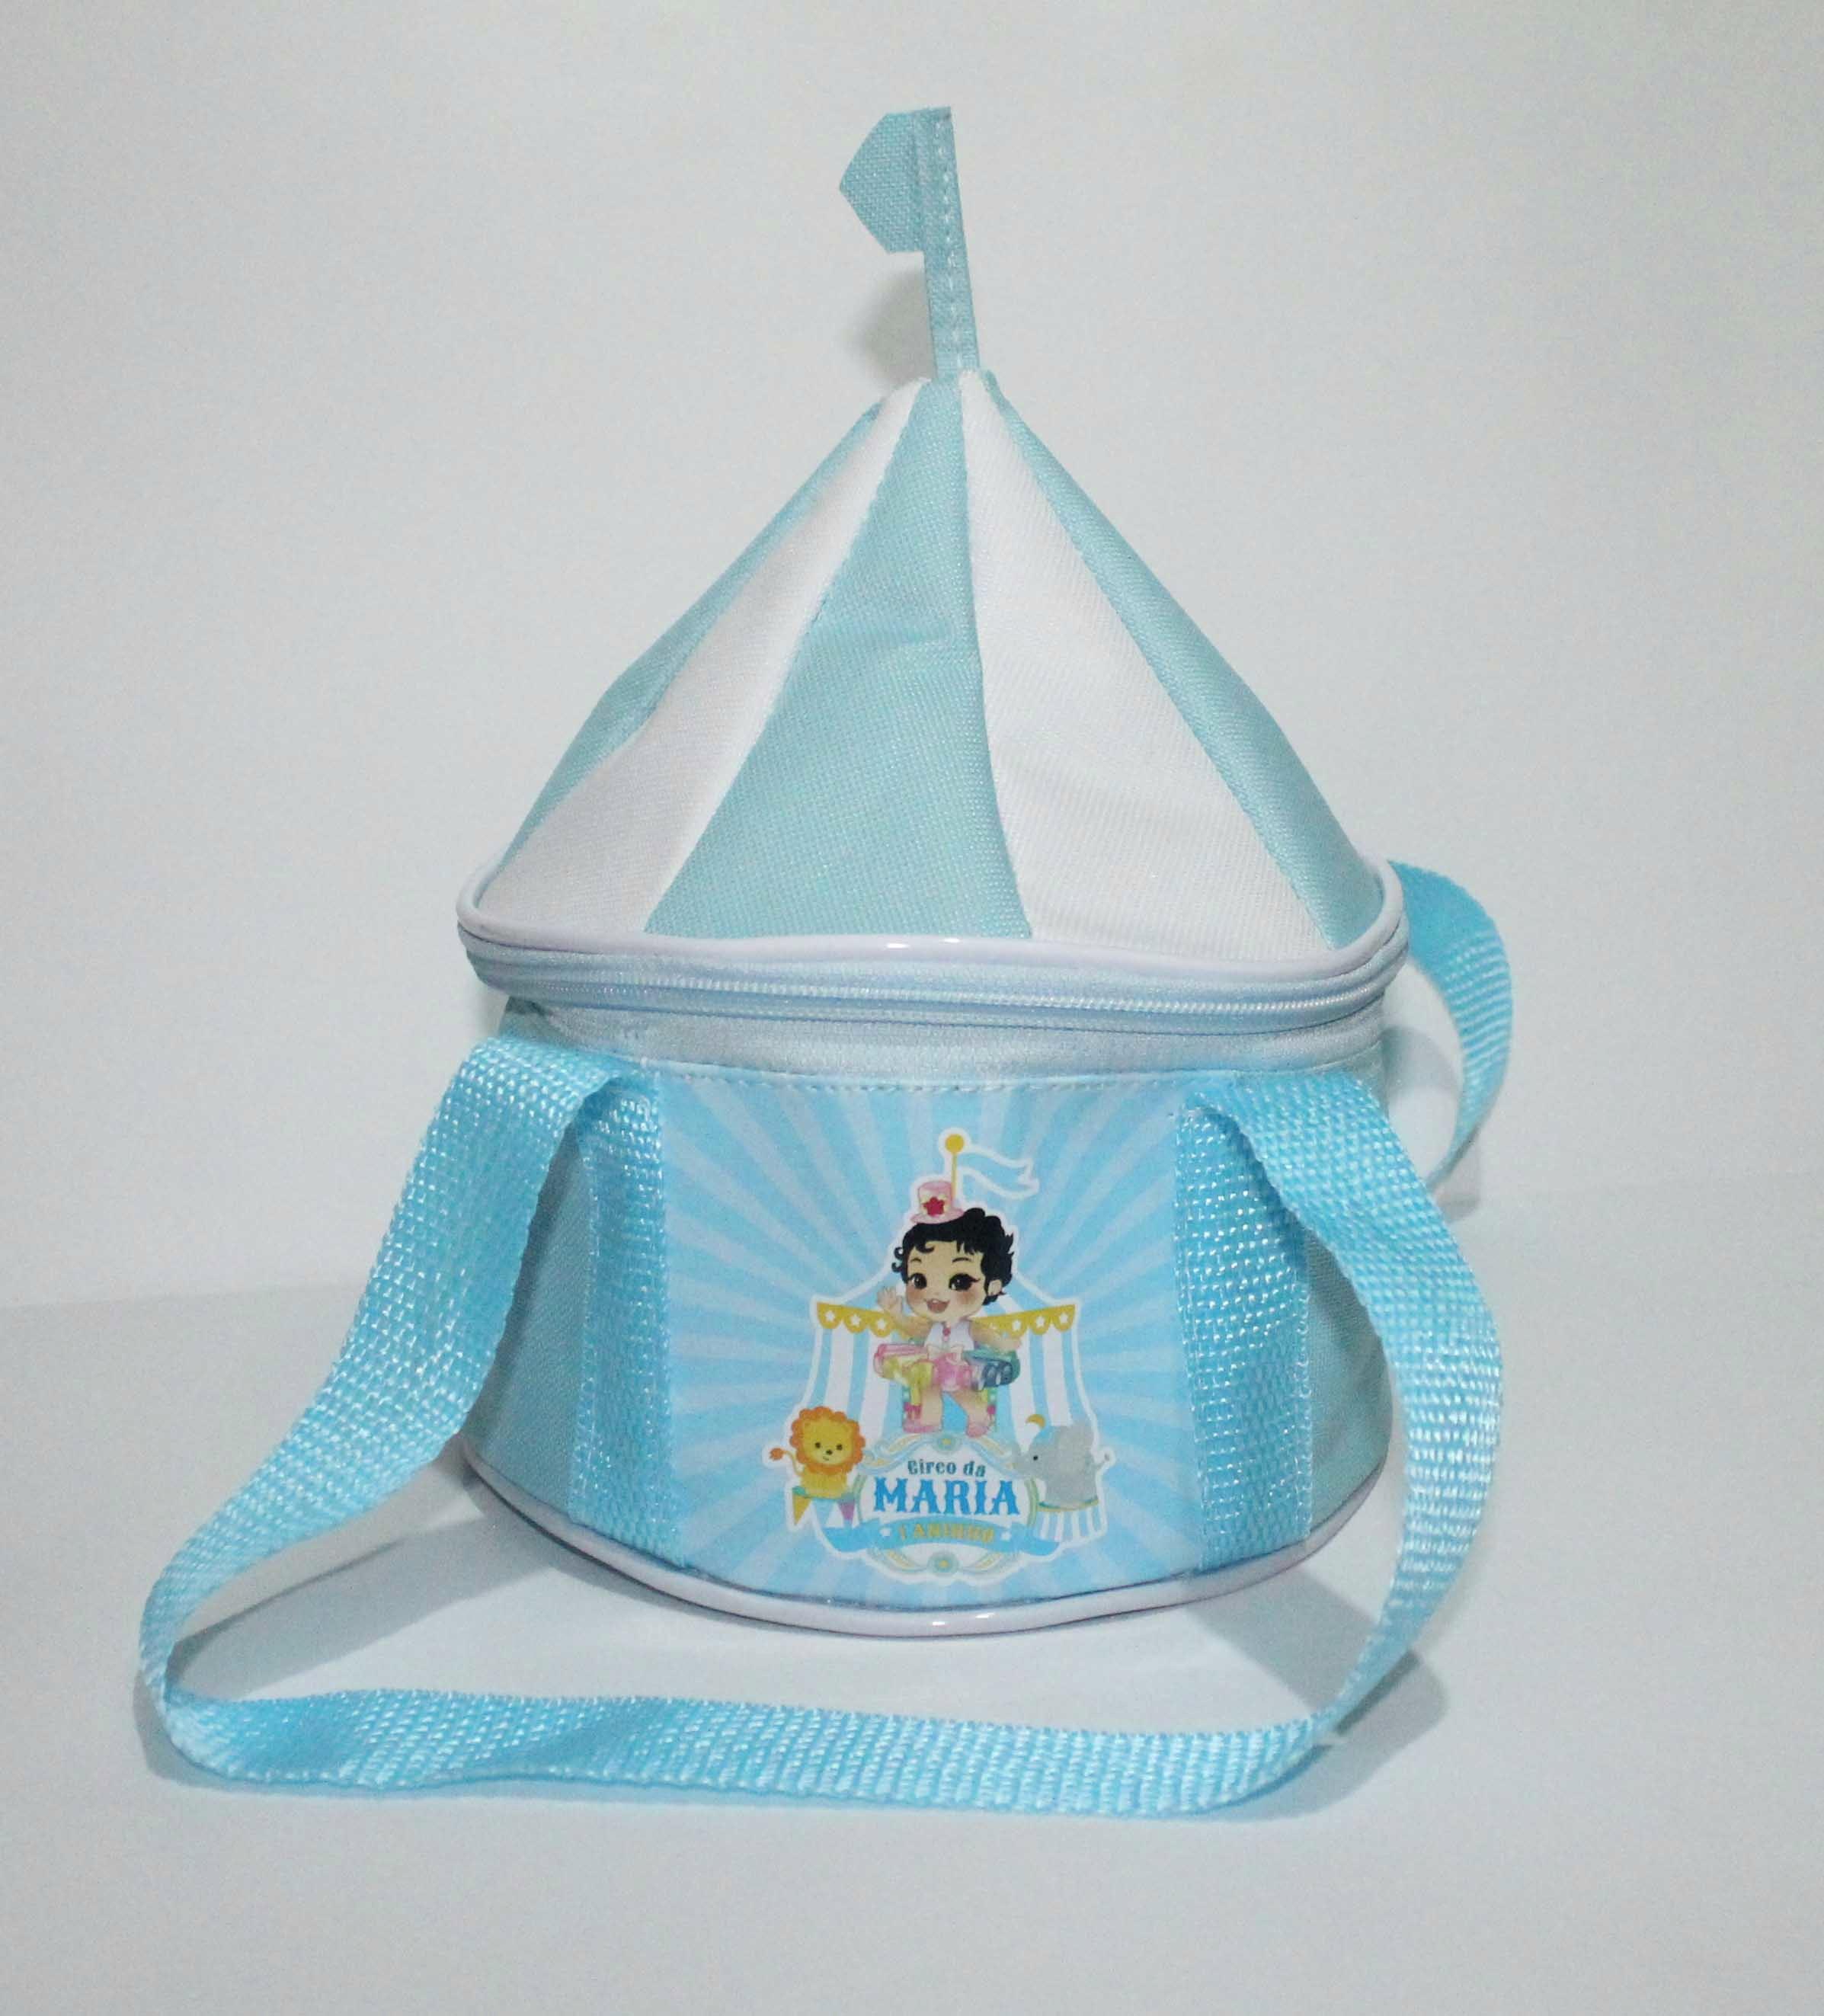 226dff140d Necessaire Tenda de Circo Azul Bebe e Branco | Elo7